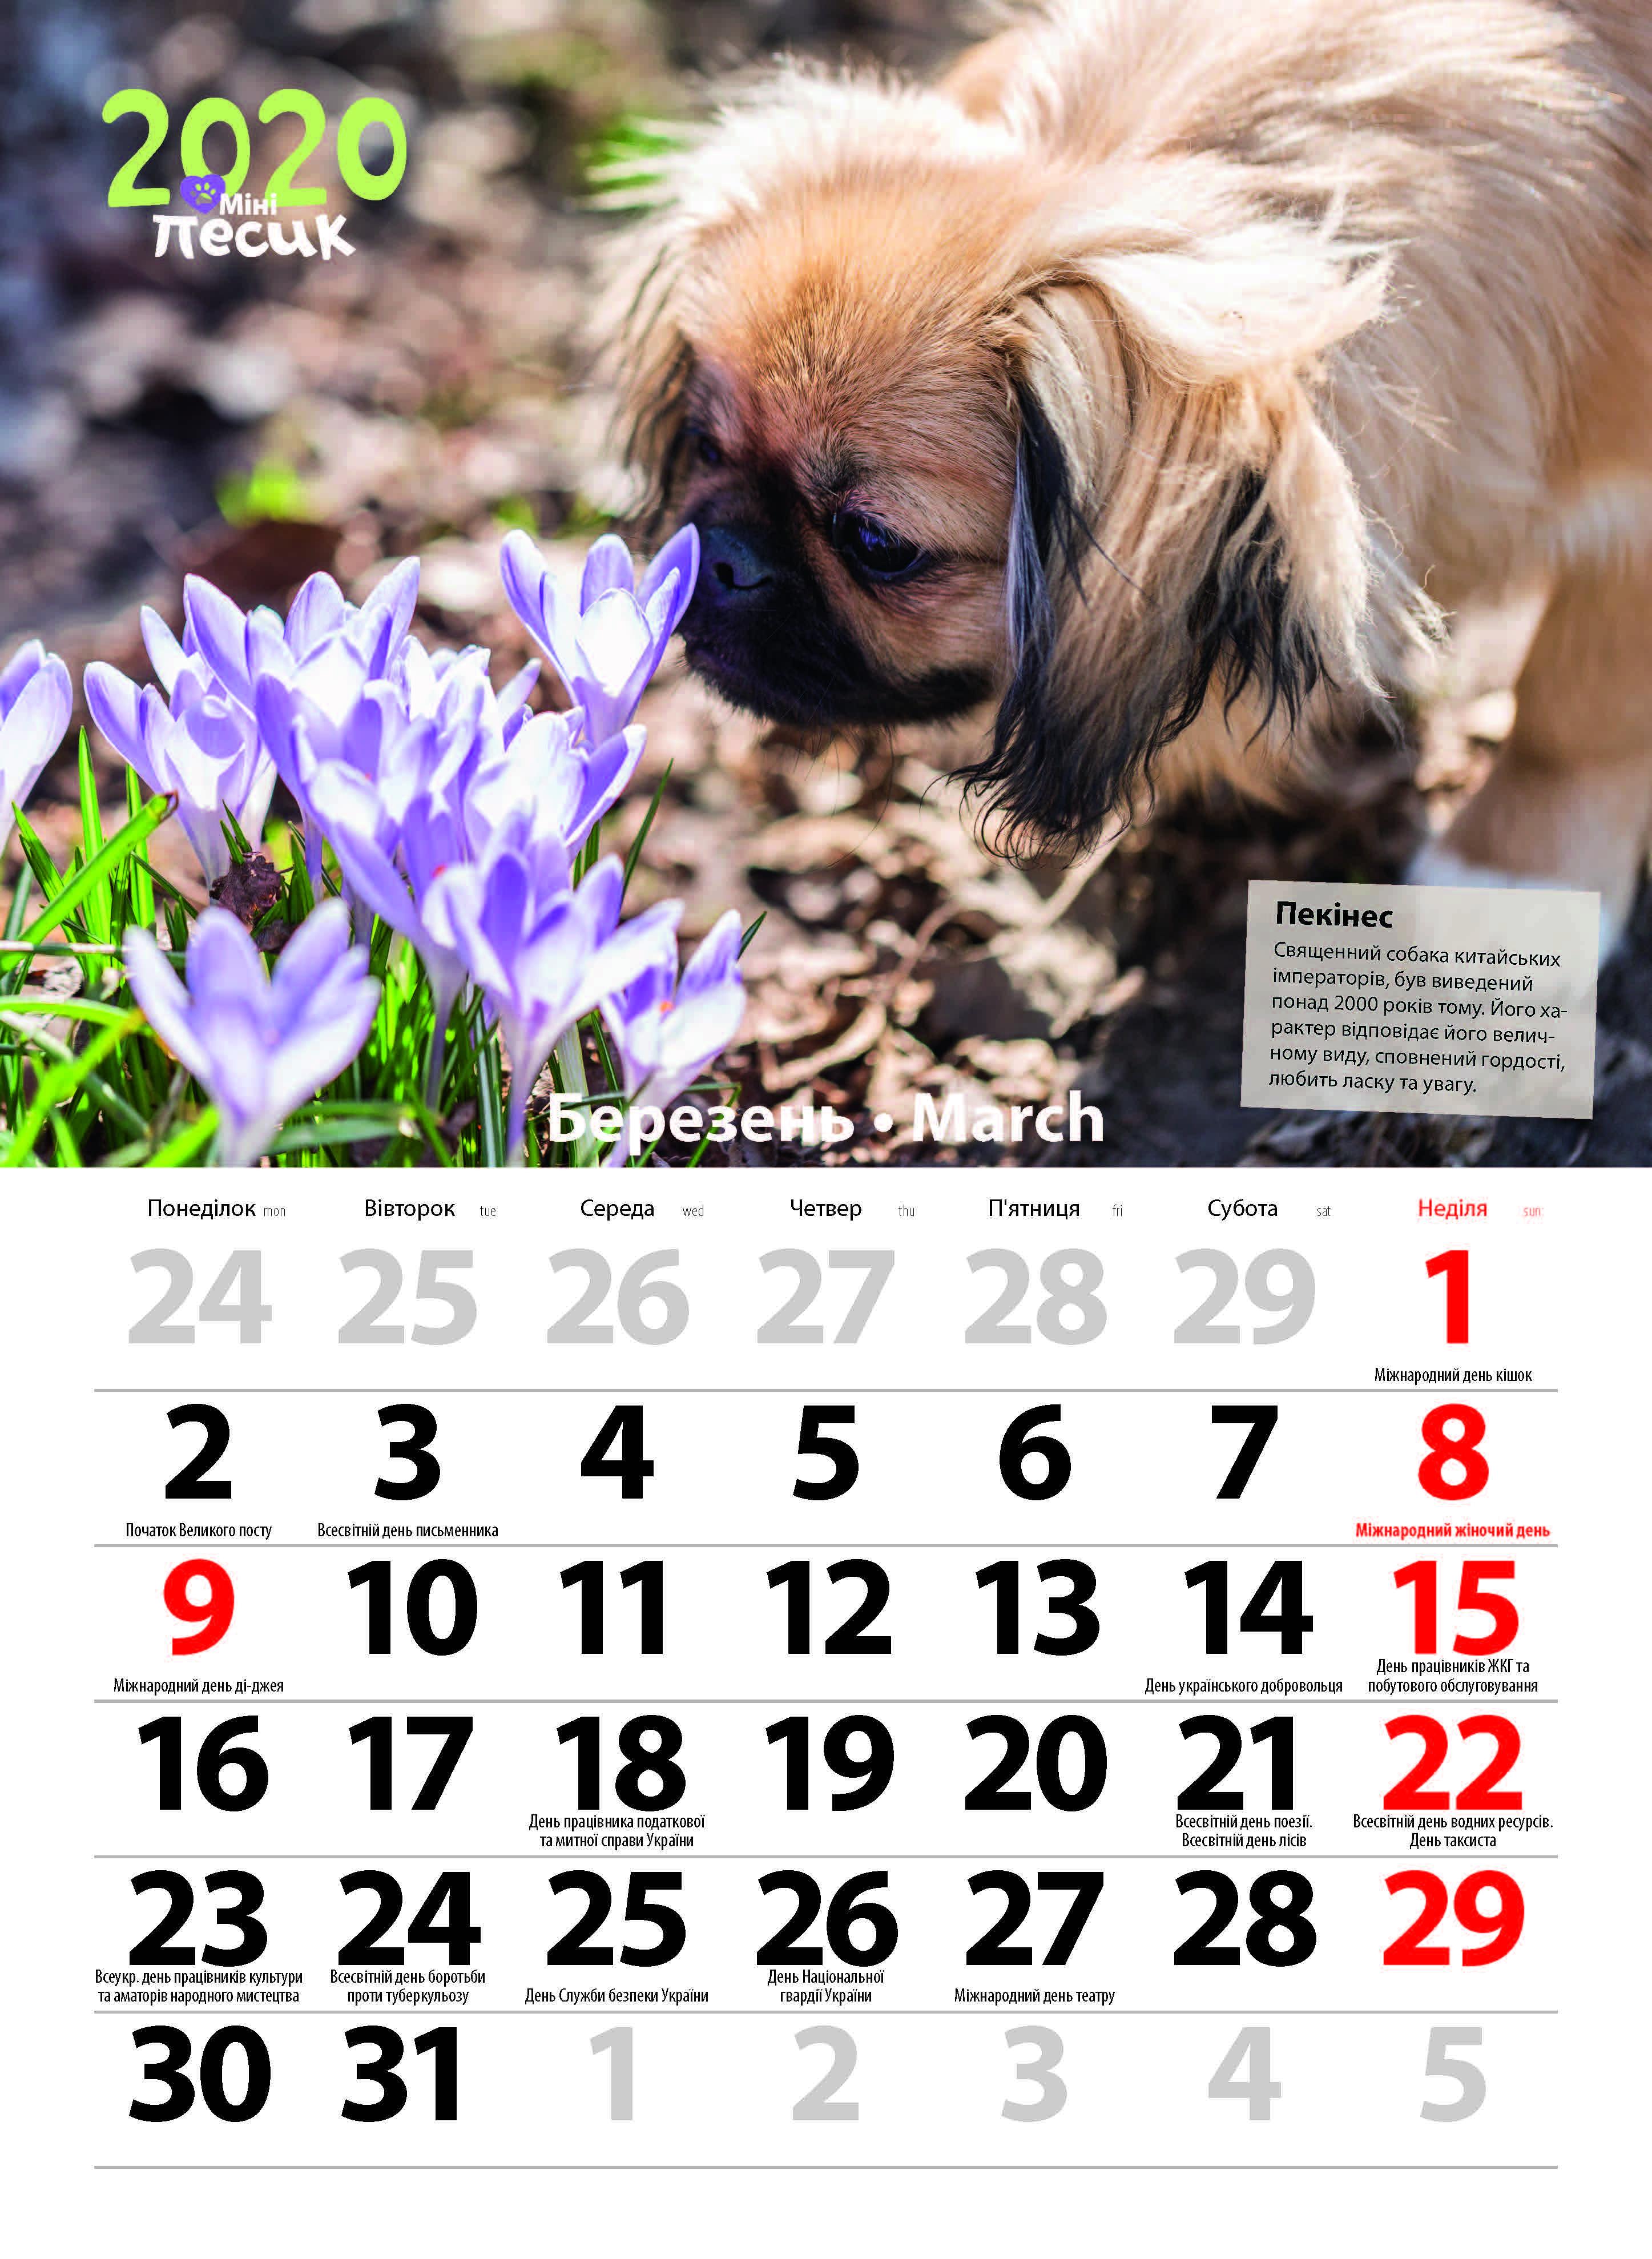 """Календар """"мініпесик"""" 2020 with Kalendar Kuda March 2020"""